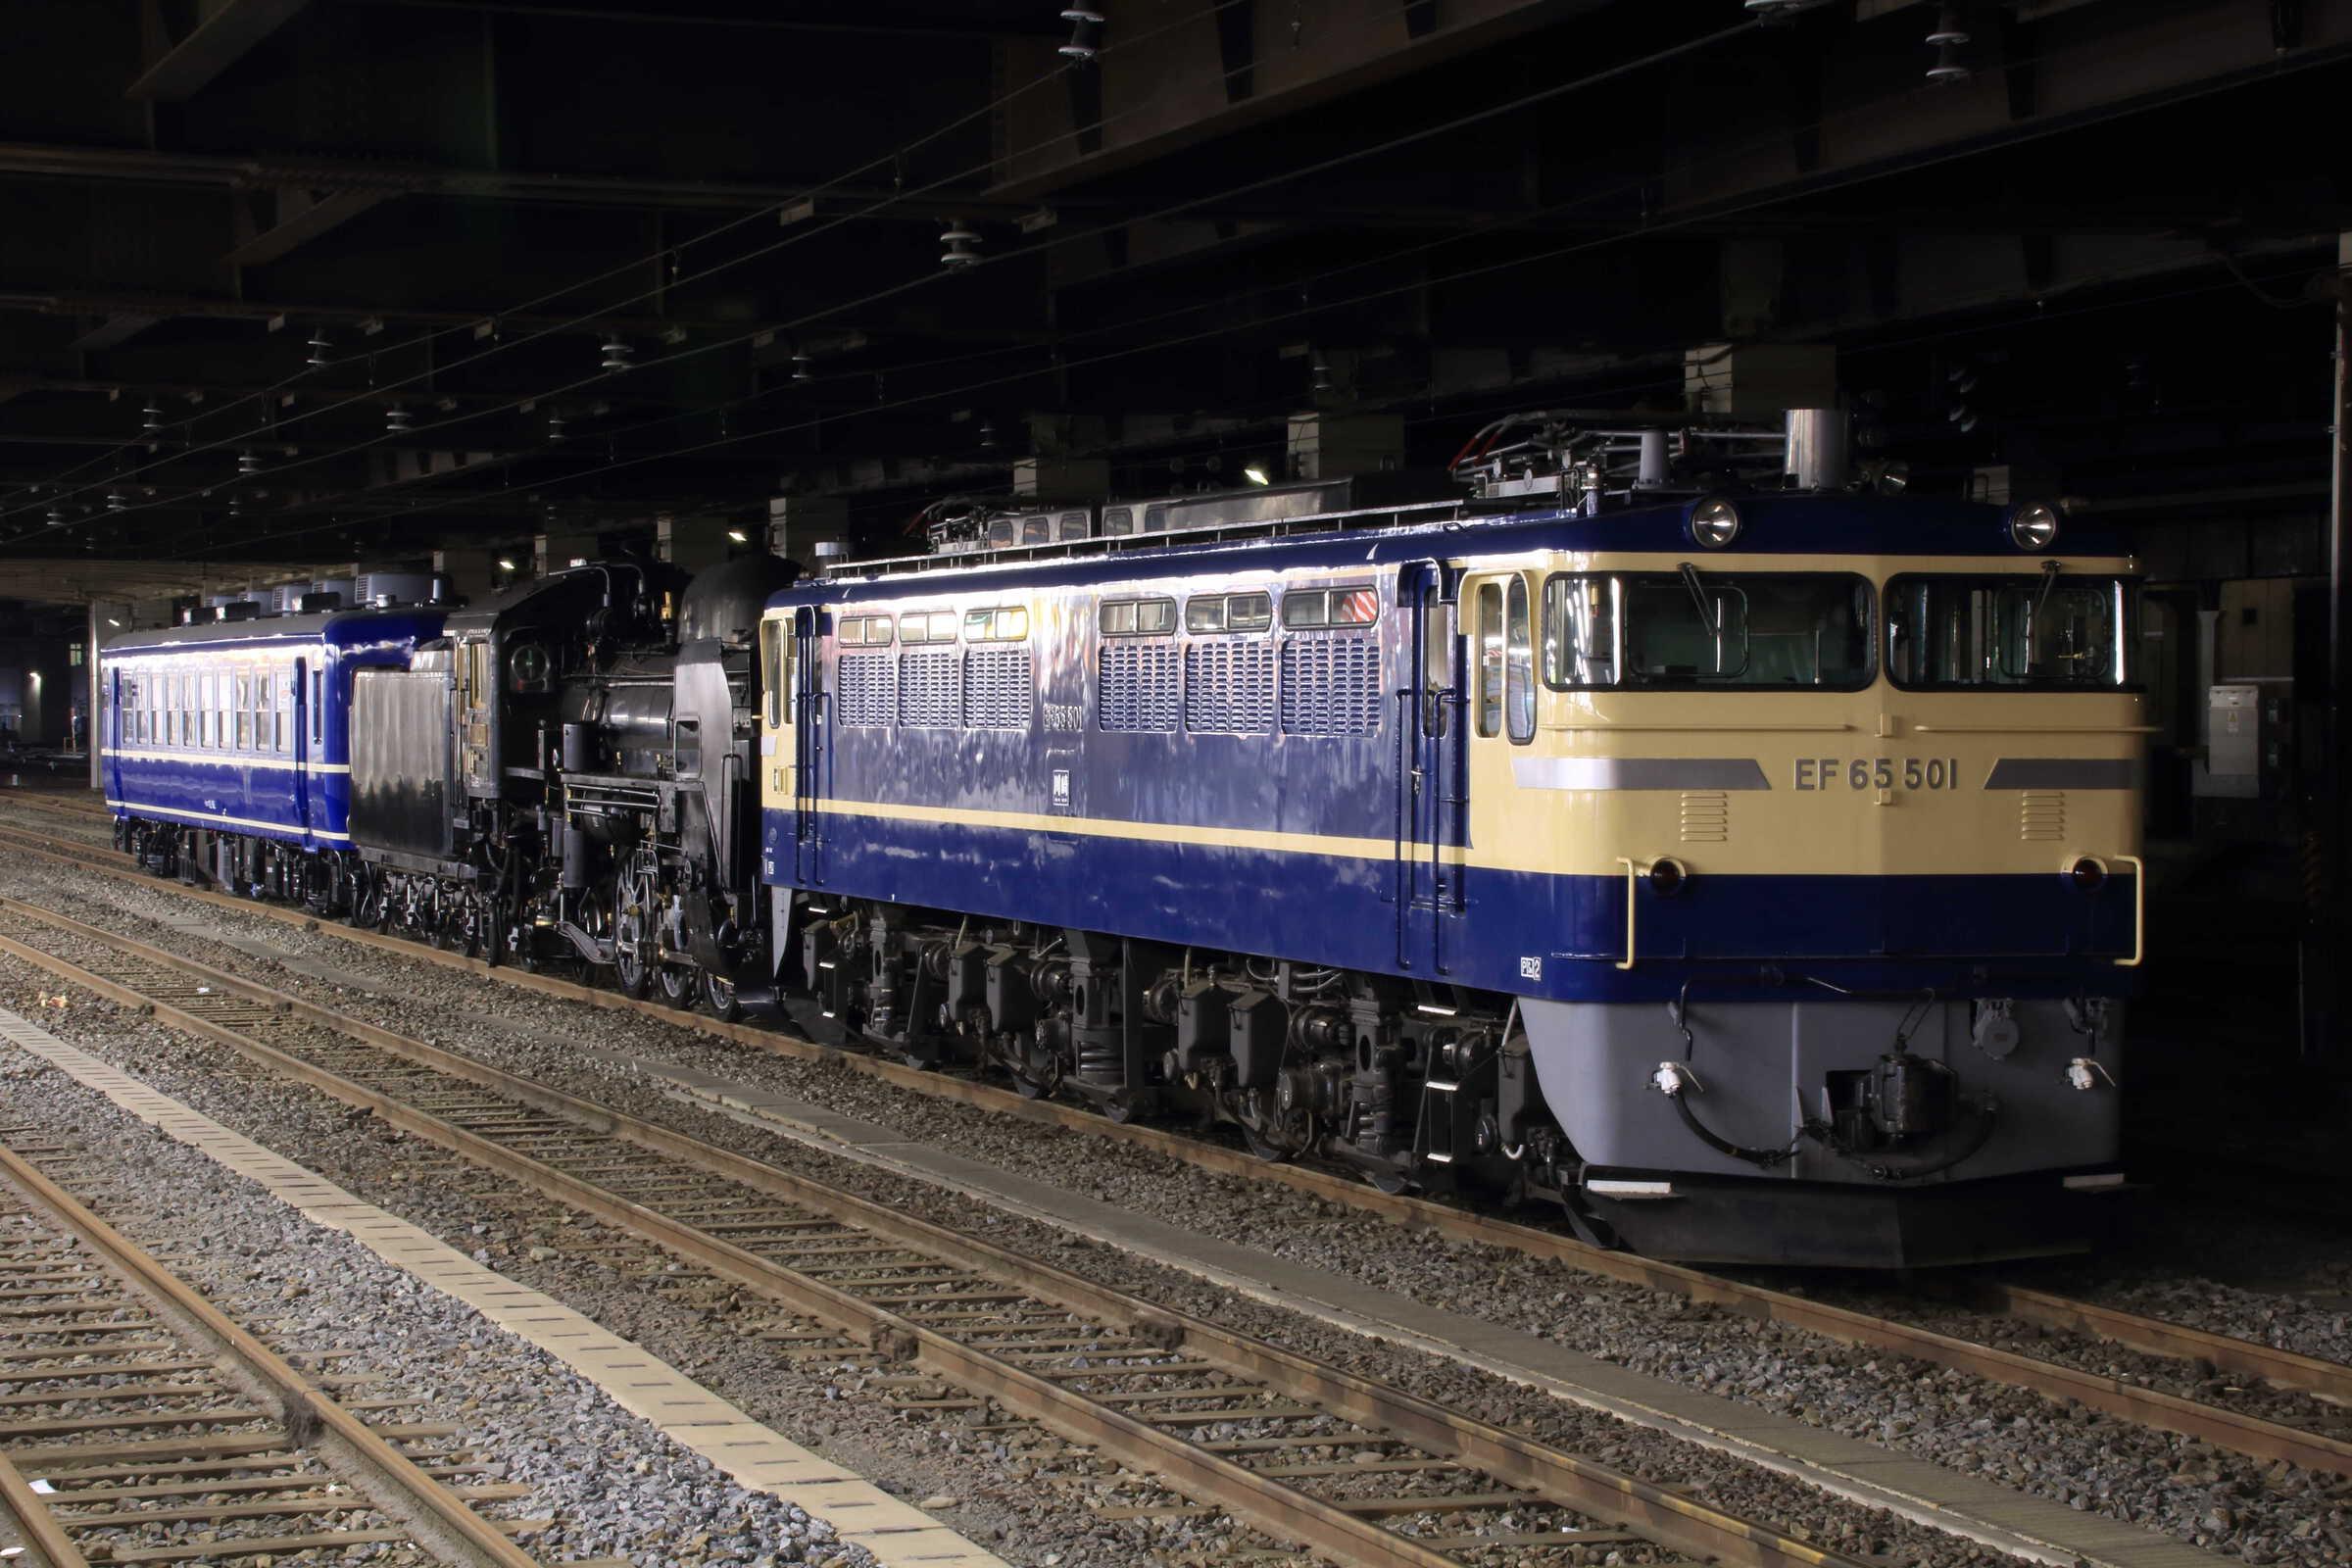 配9551列車 C58-239[盛] OM出場配給(据付) EF65-501②[高]<臨A951>+C58-239[盛]+高タカ スハフ12-162